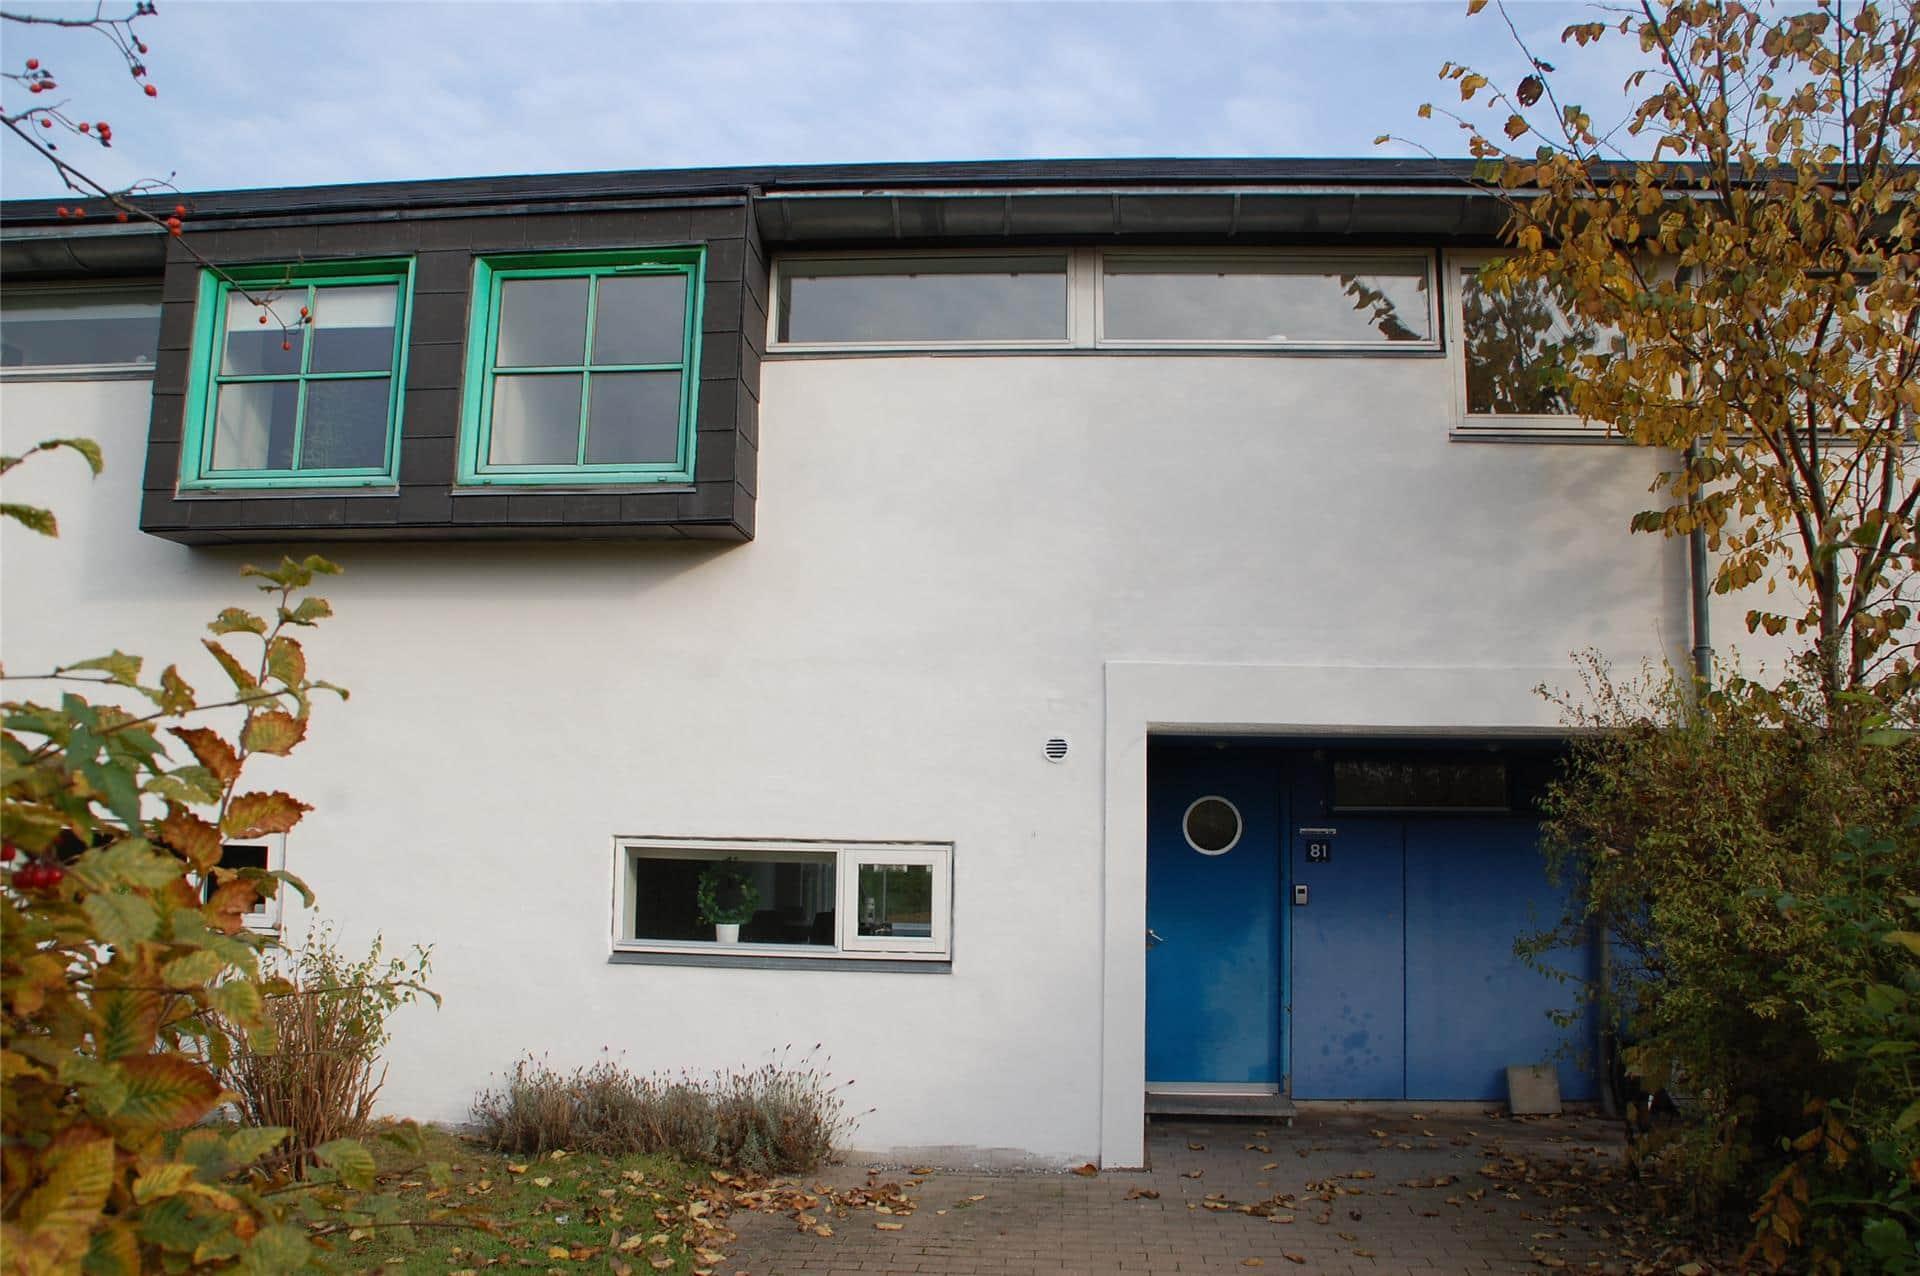 Billede 1-3 Sommerhus M63019, Blangstedgårds Alle 81, DK - 5220 Odense SØ